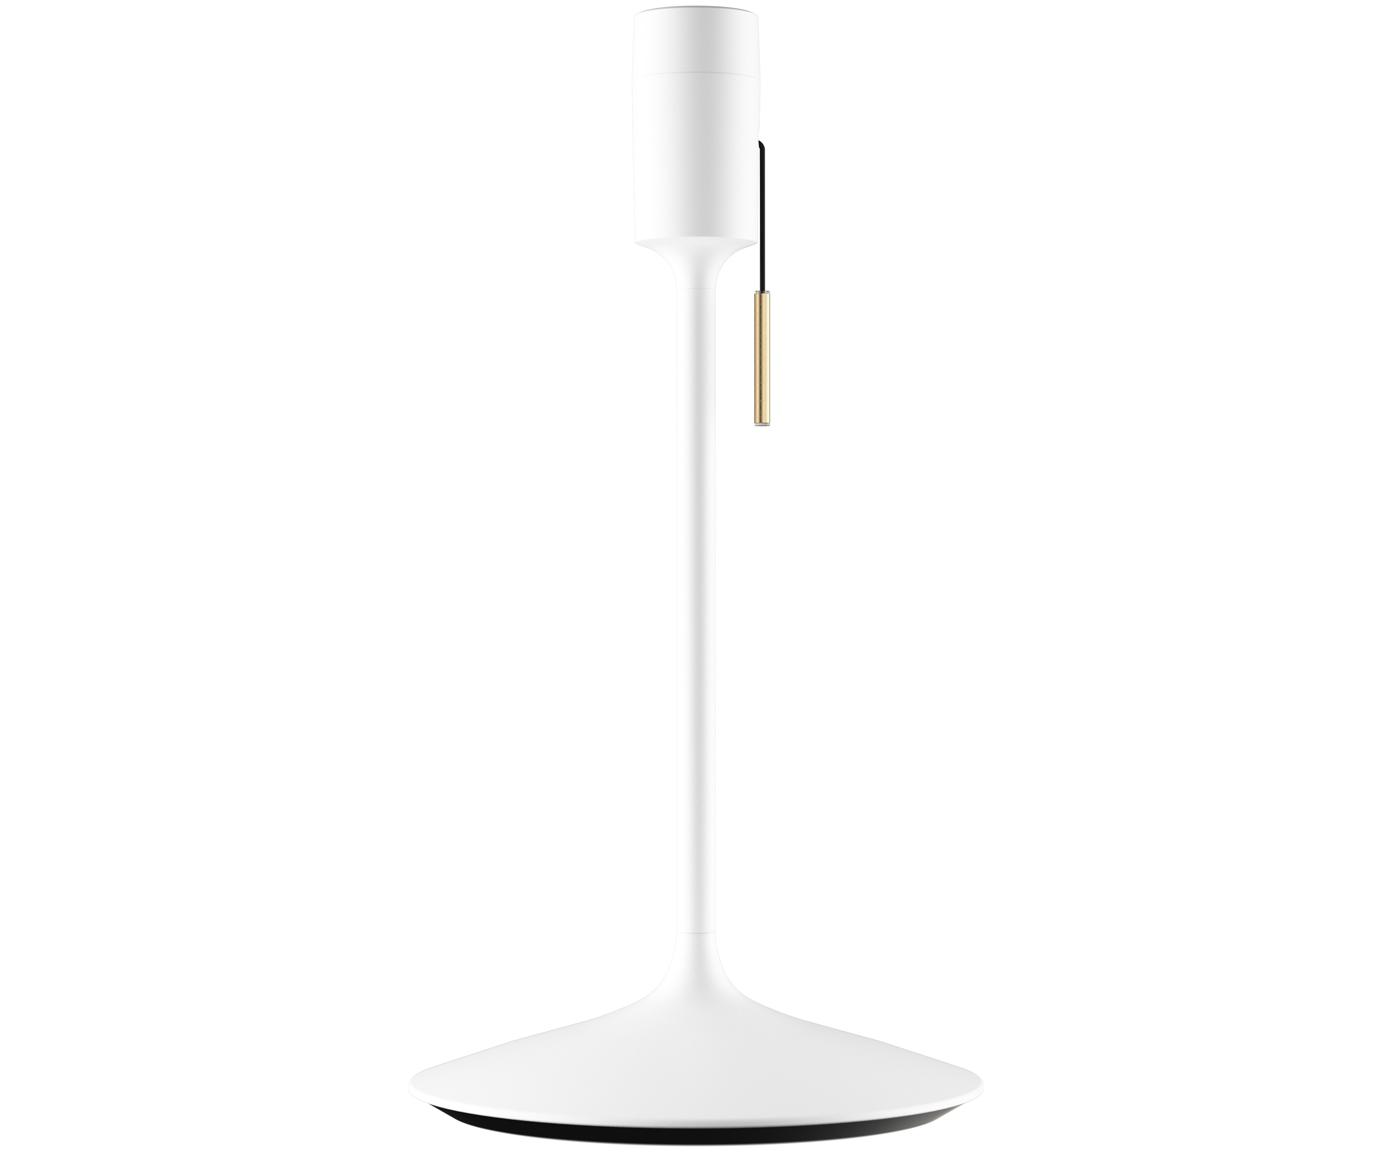 Tischleuchtenfuss Champagne mit USB-Anschluss, Weiss, Ø 22 x H 42 cm